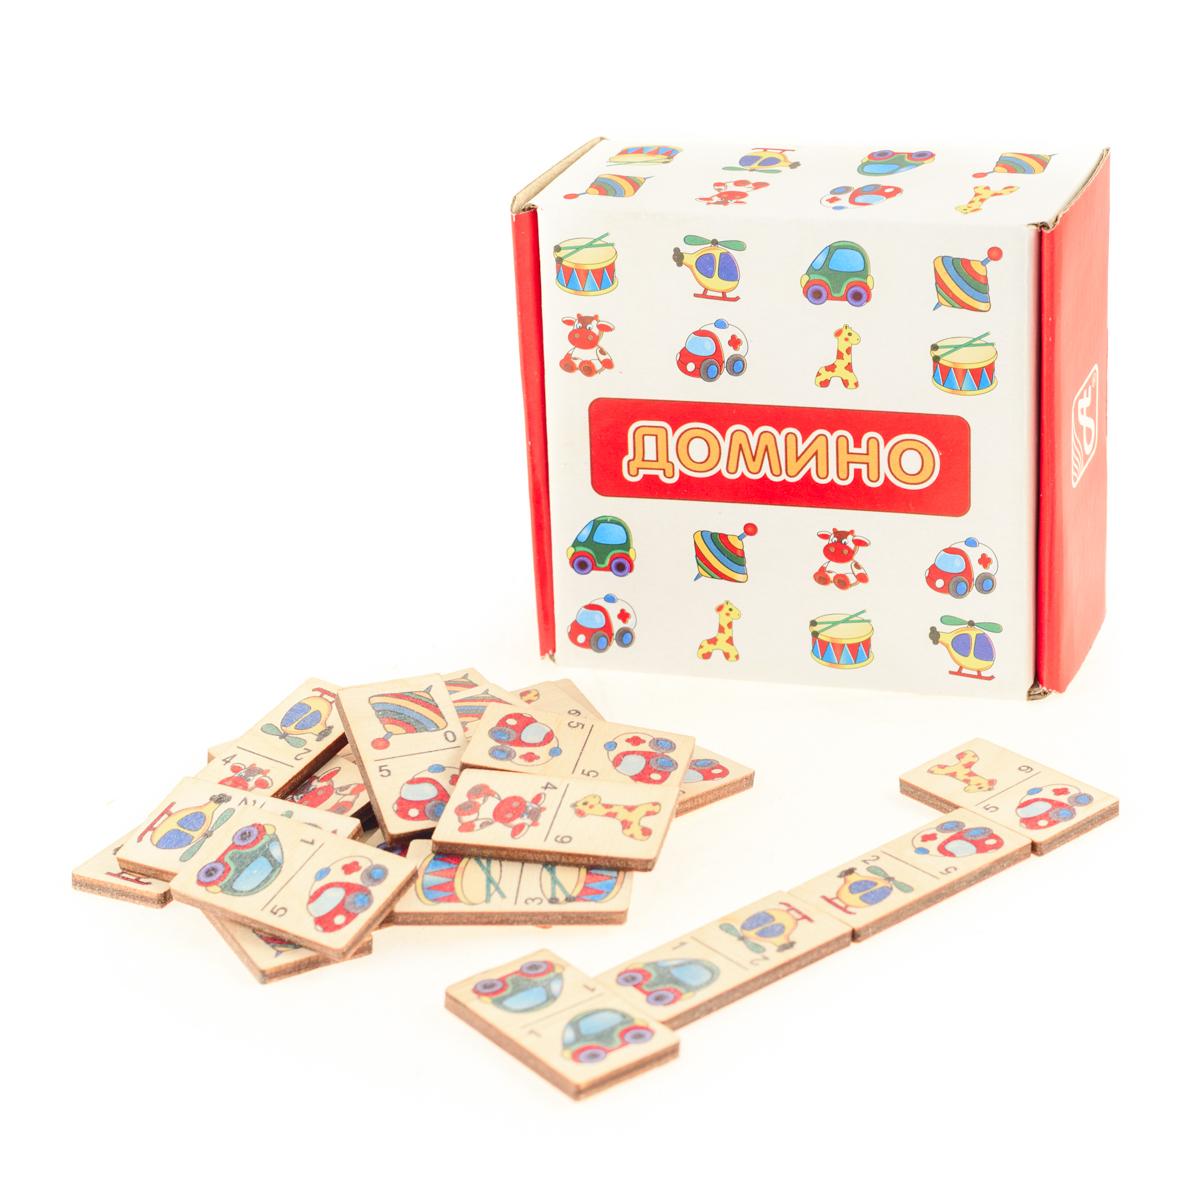 Развивающие деревянные игрушки Домино Игрушки консультирование родителей в детском саду возрастные особенности детей